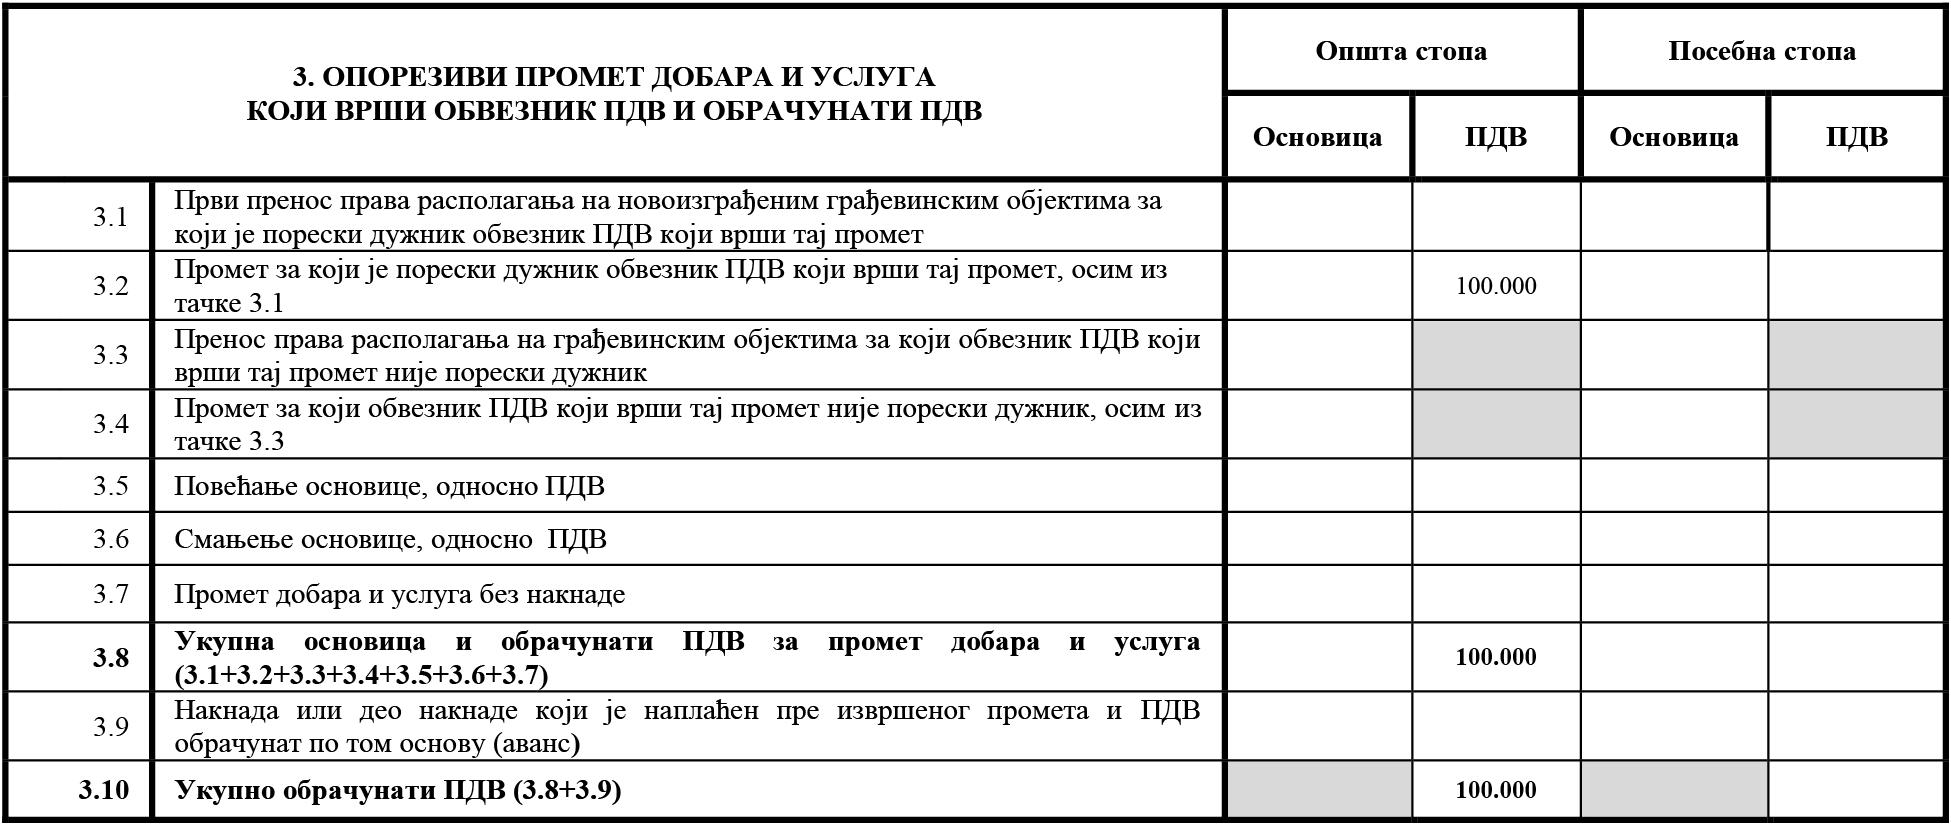 uputstvo PU obrazac POPDV II primer 51